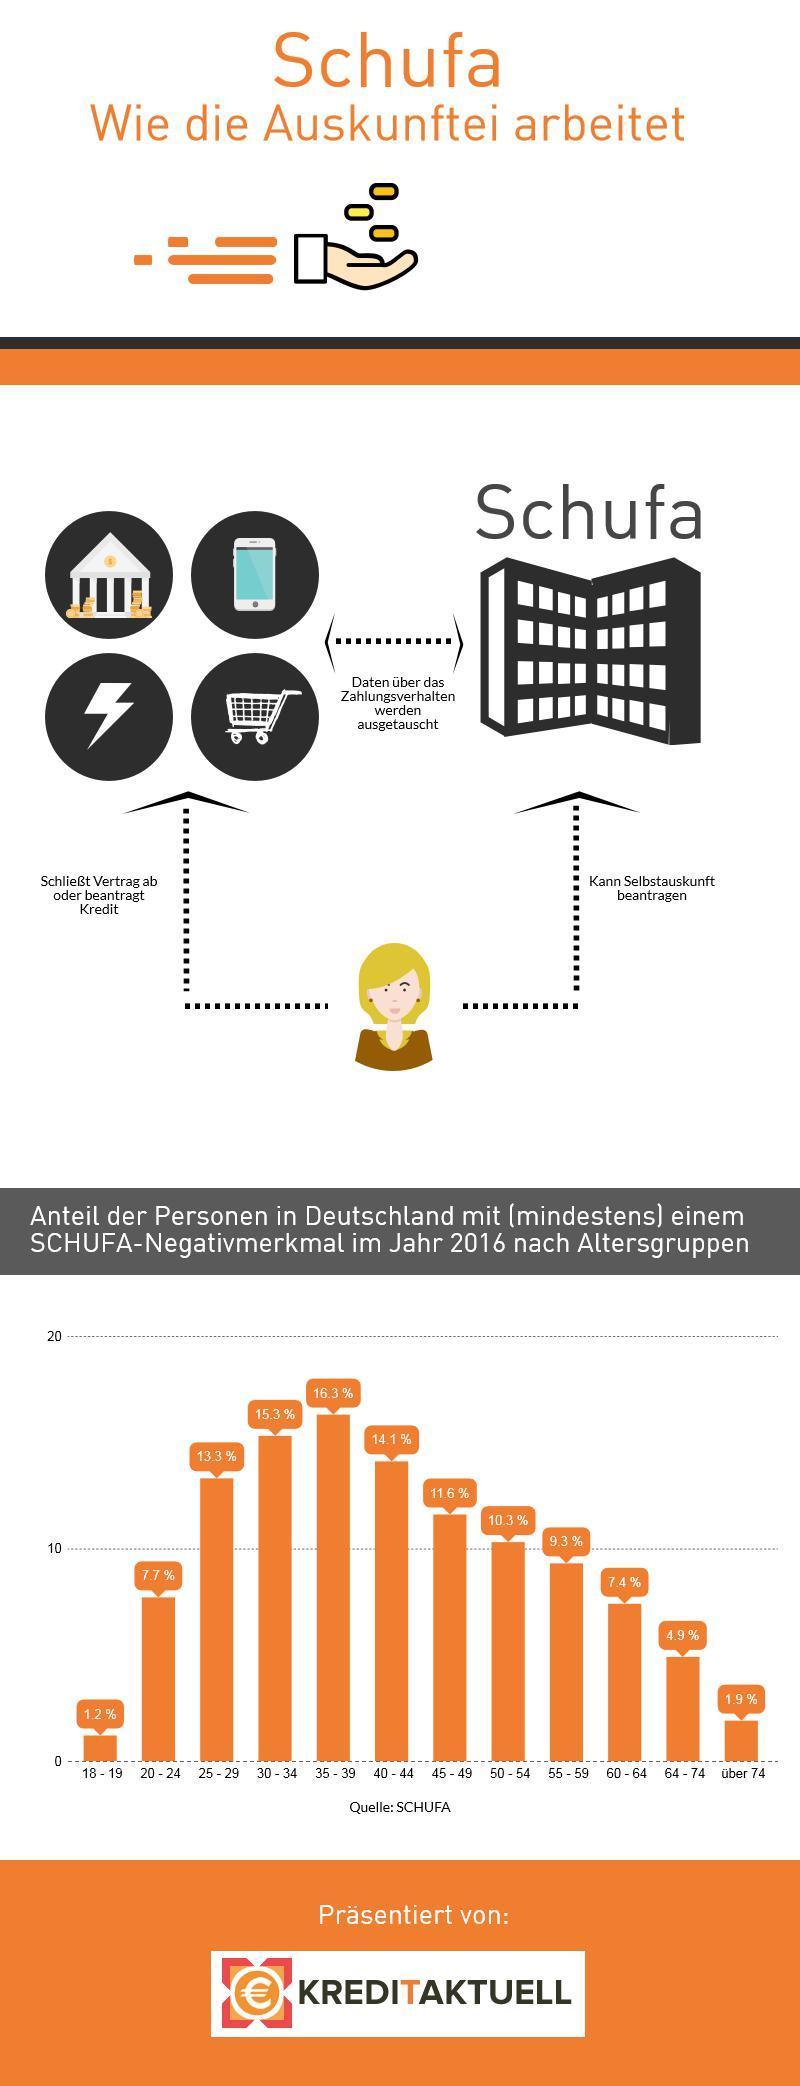 Infografik Wie die Schufa sich ihre Informationen beschafft und der Anteil der Personen mit mindestens einem Schufa-Eintrag, sortiert nach Altersgruppen.